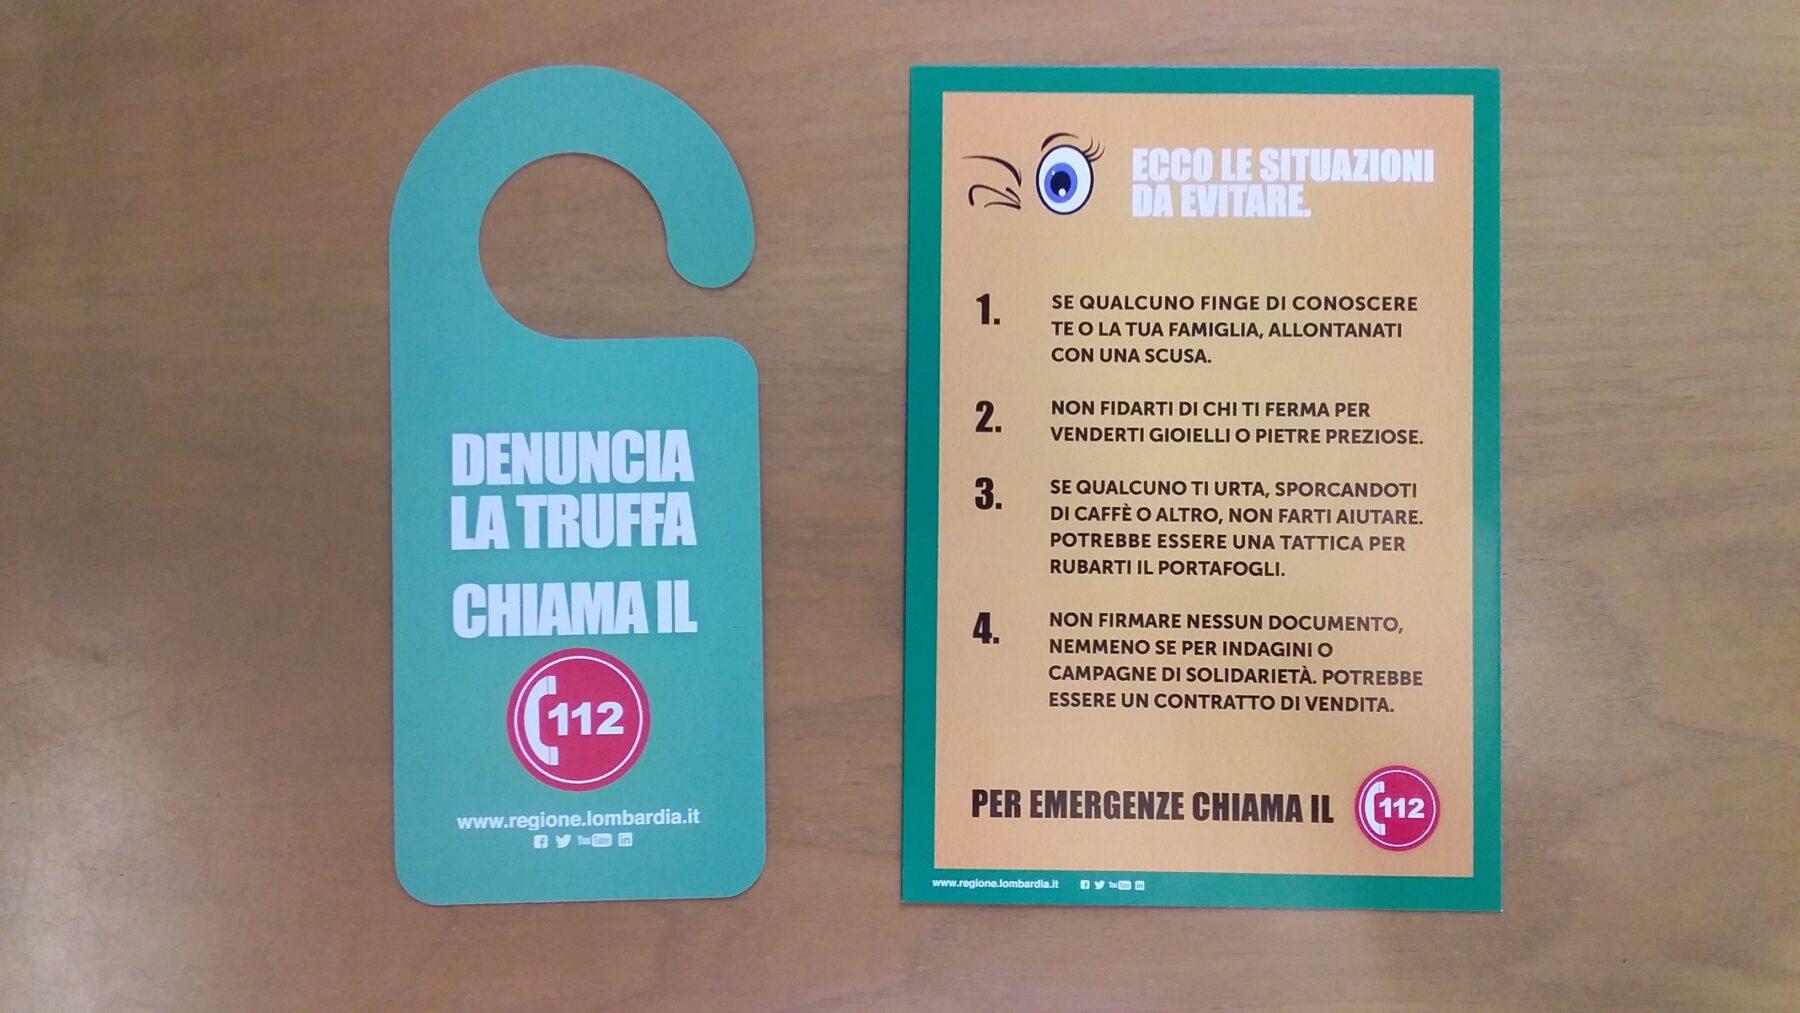 Corbetta - Truffe di finti tecnici sventate a Corbetta. Il progetto con Regione Lombardia 11/03/2021